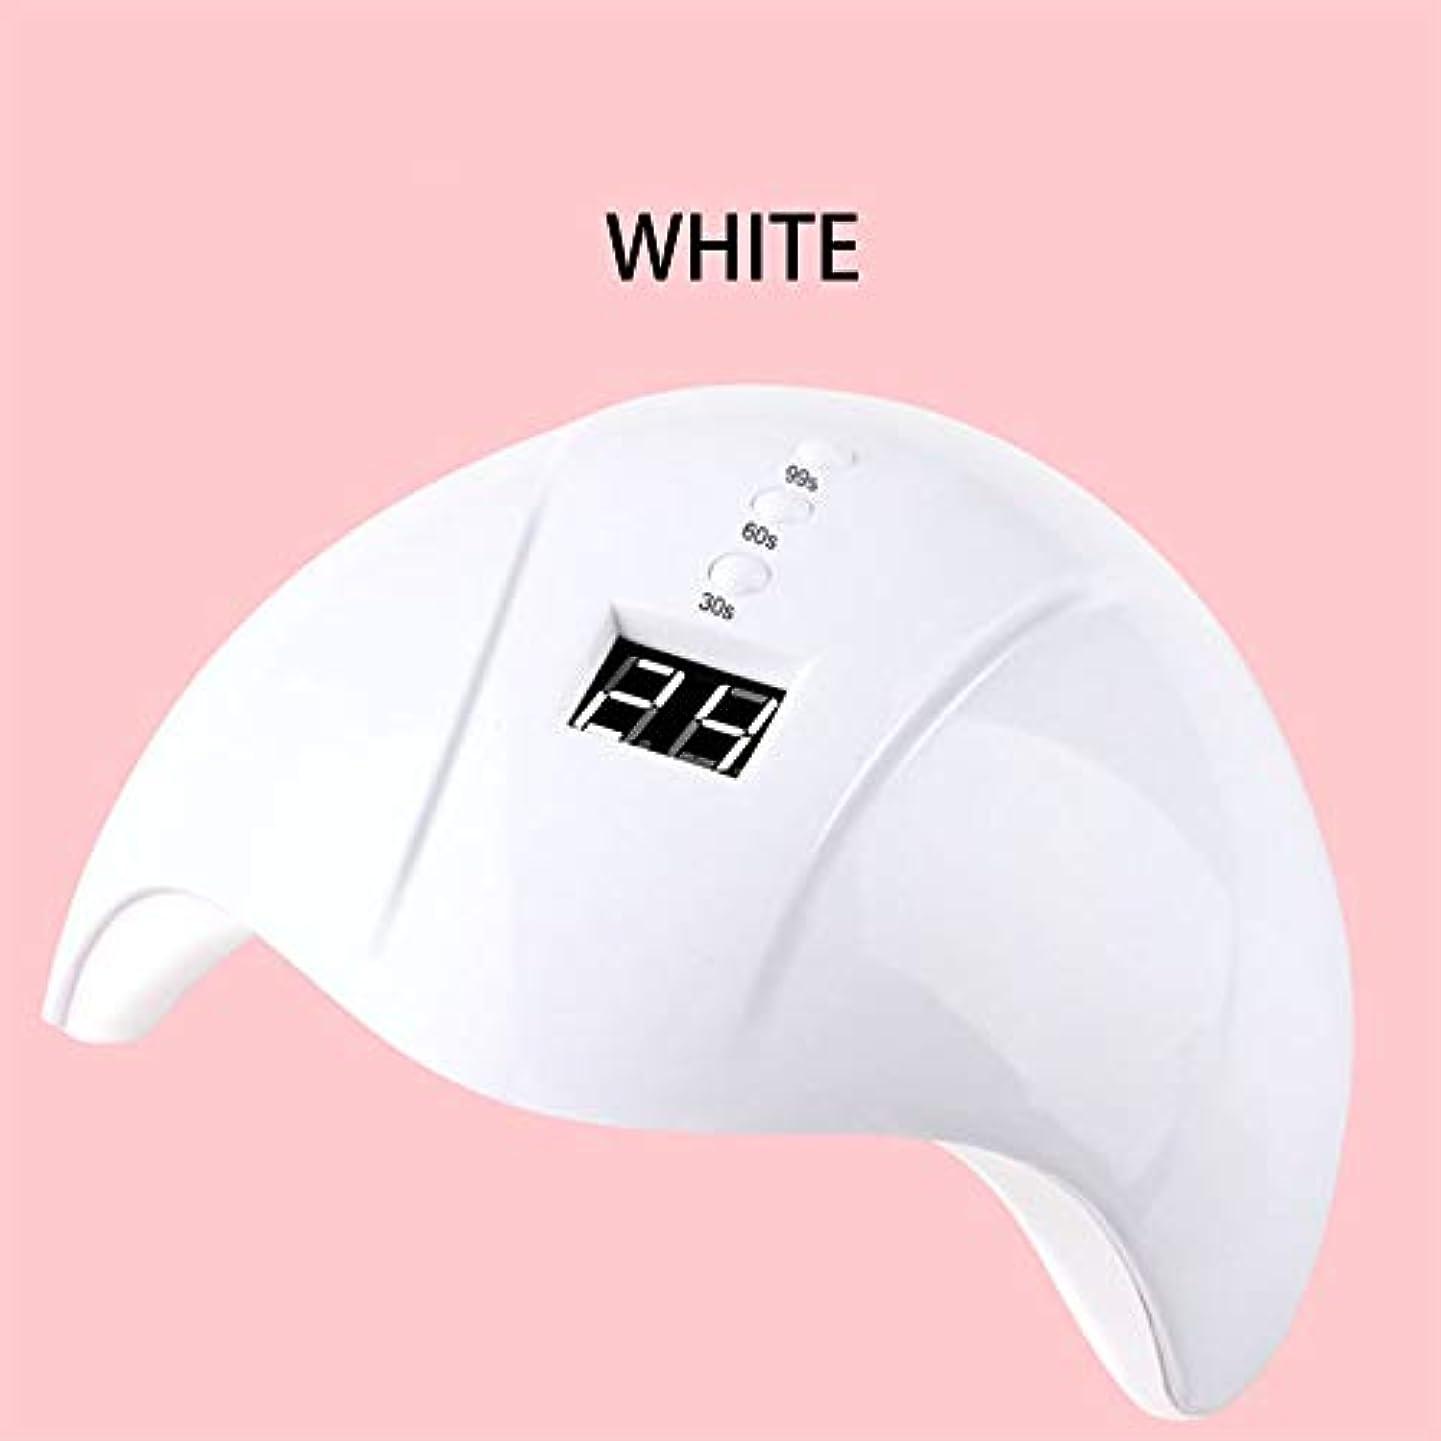 きょうだいモノグラフまっすぐにする36W紫外線LEDジェルマニキュアを硬化させるための赤外線センサー、UVネイルライトクイック乾燥機、3つのタイマーとネイルLEDランプ(PINK/WHITE),白